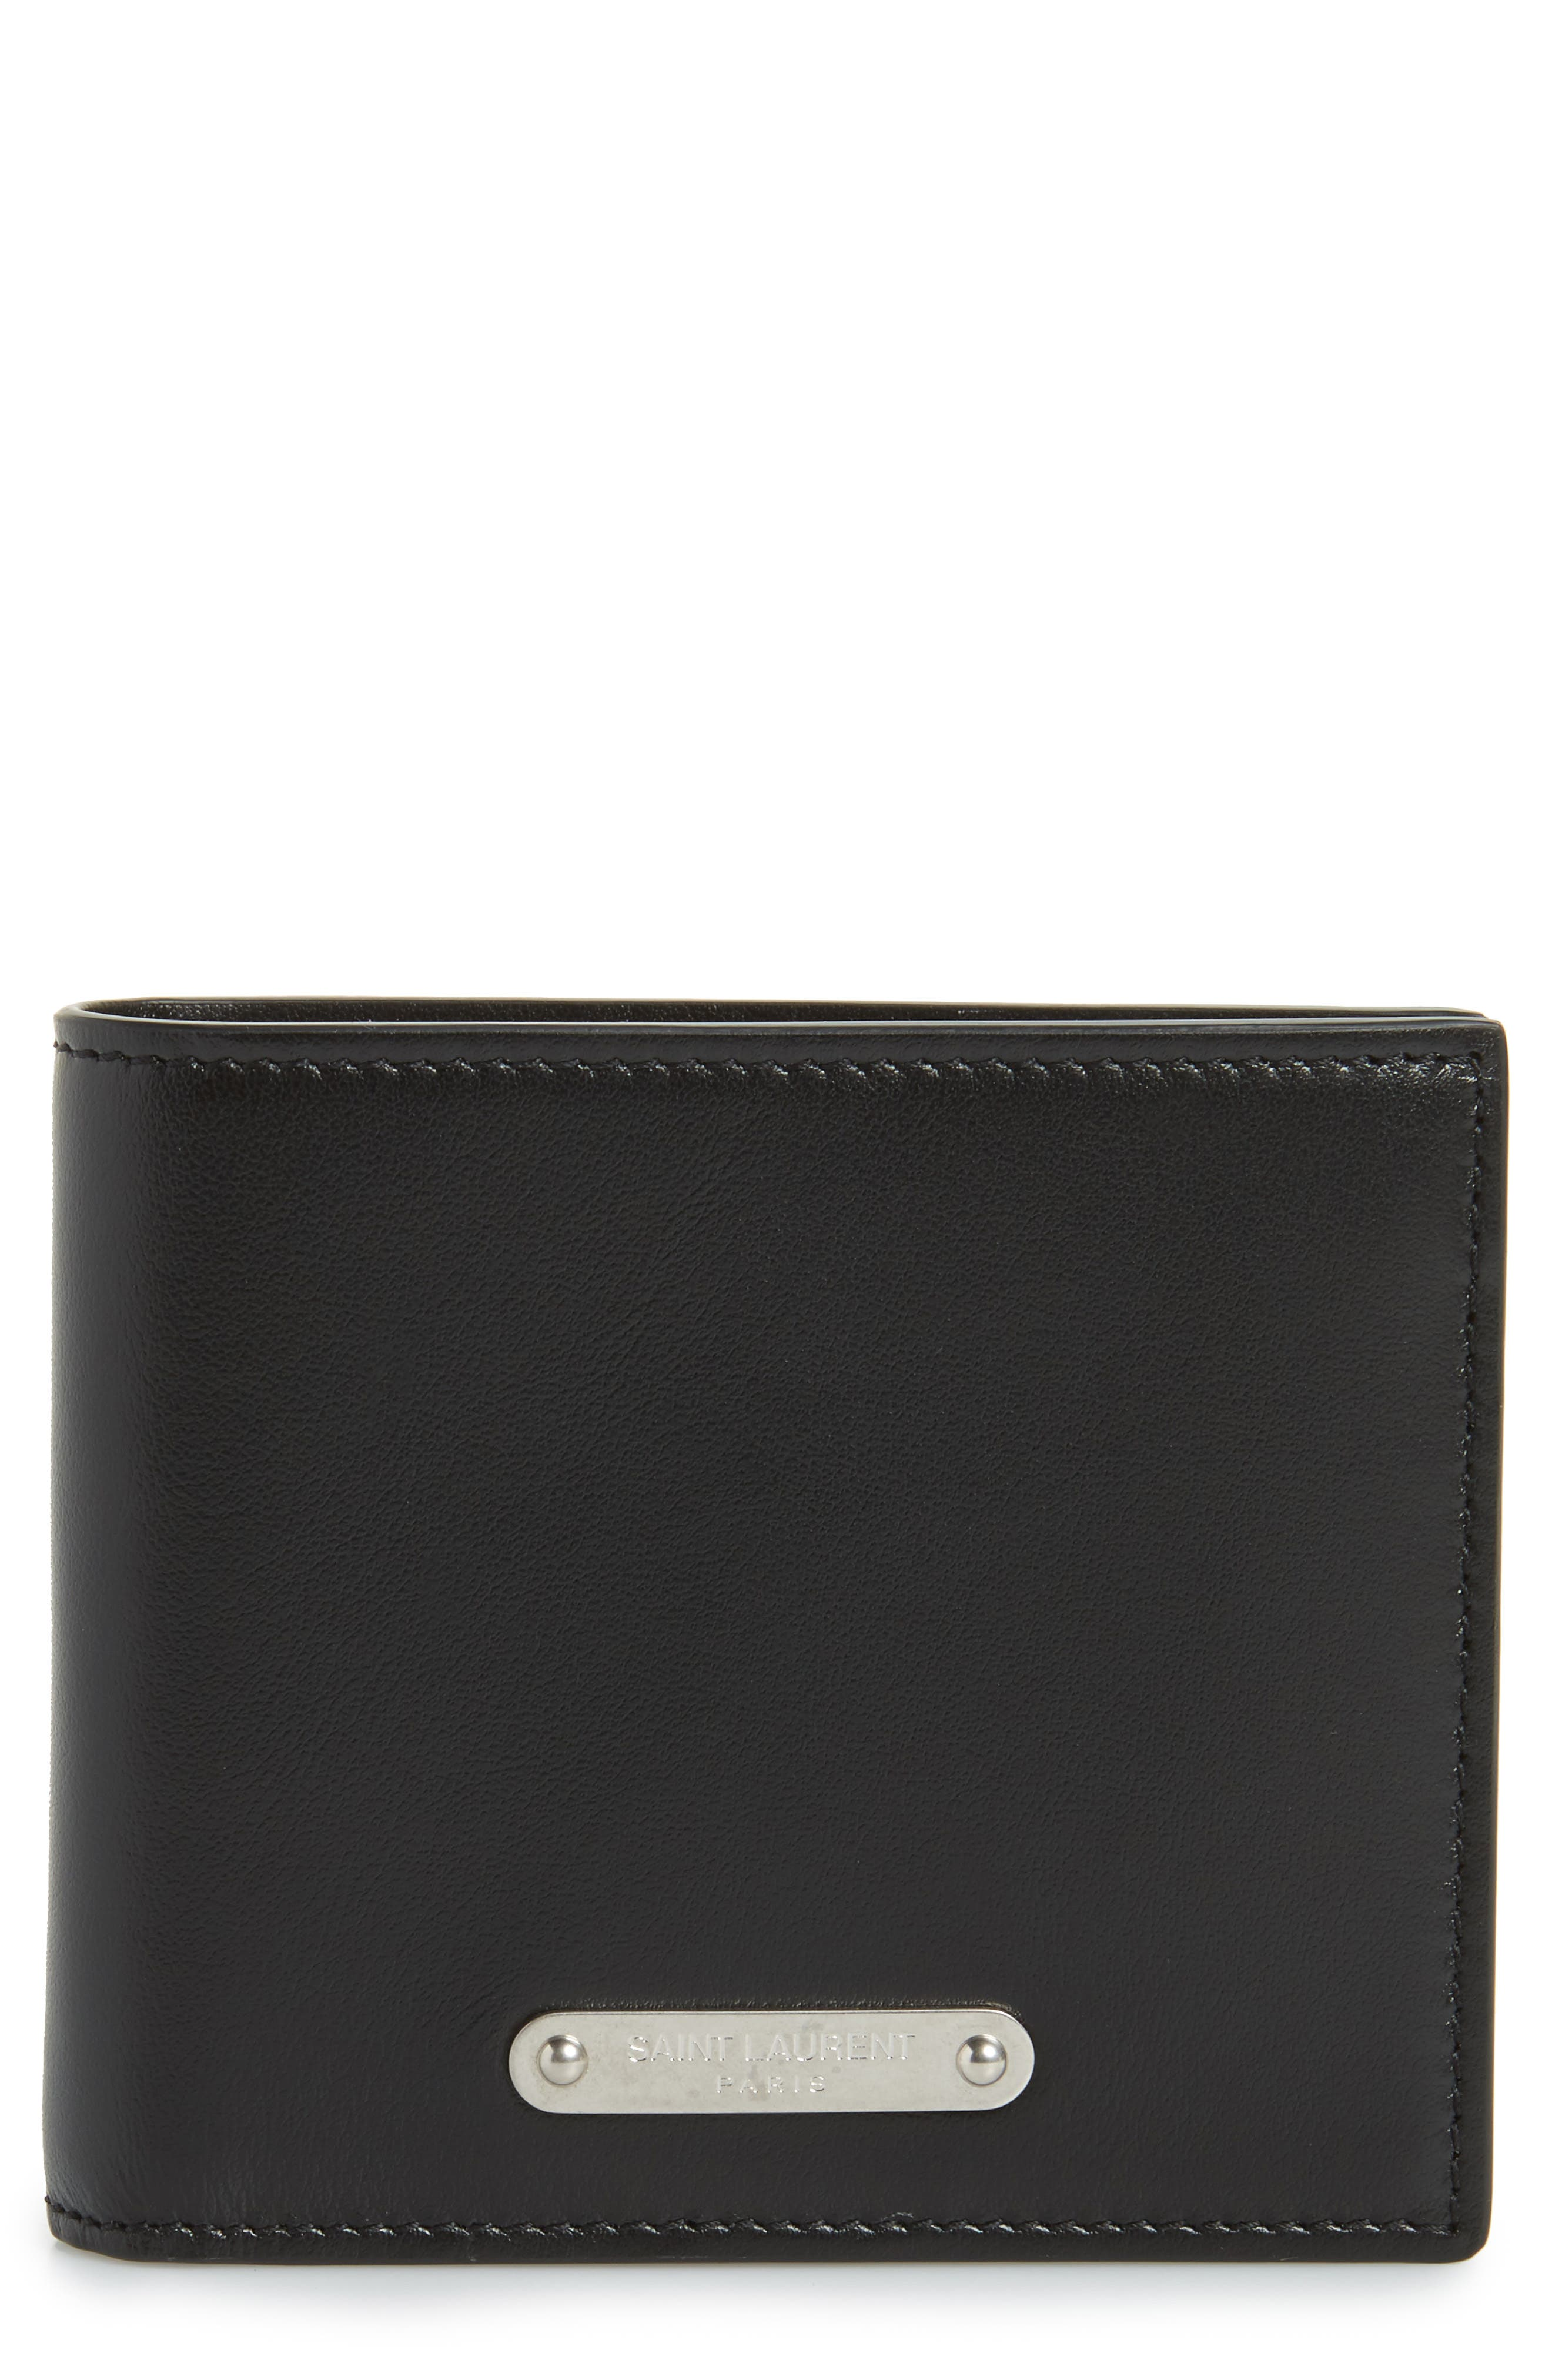 Saint Laurent East/West Leather Wallet